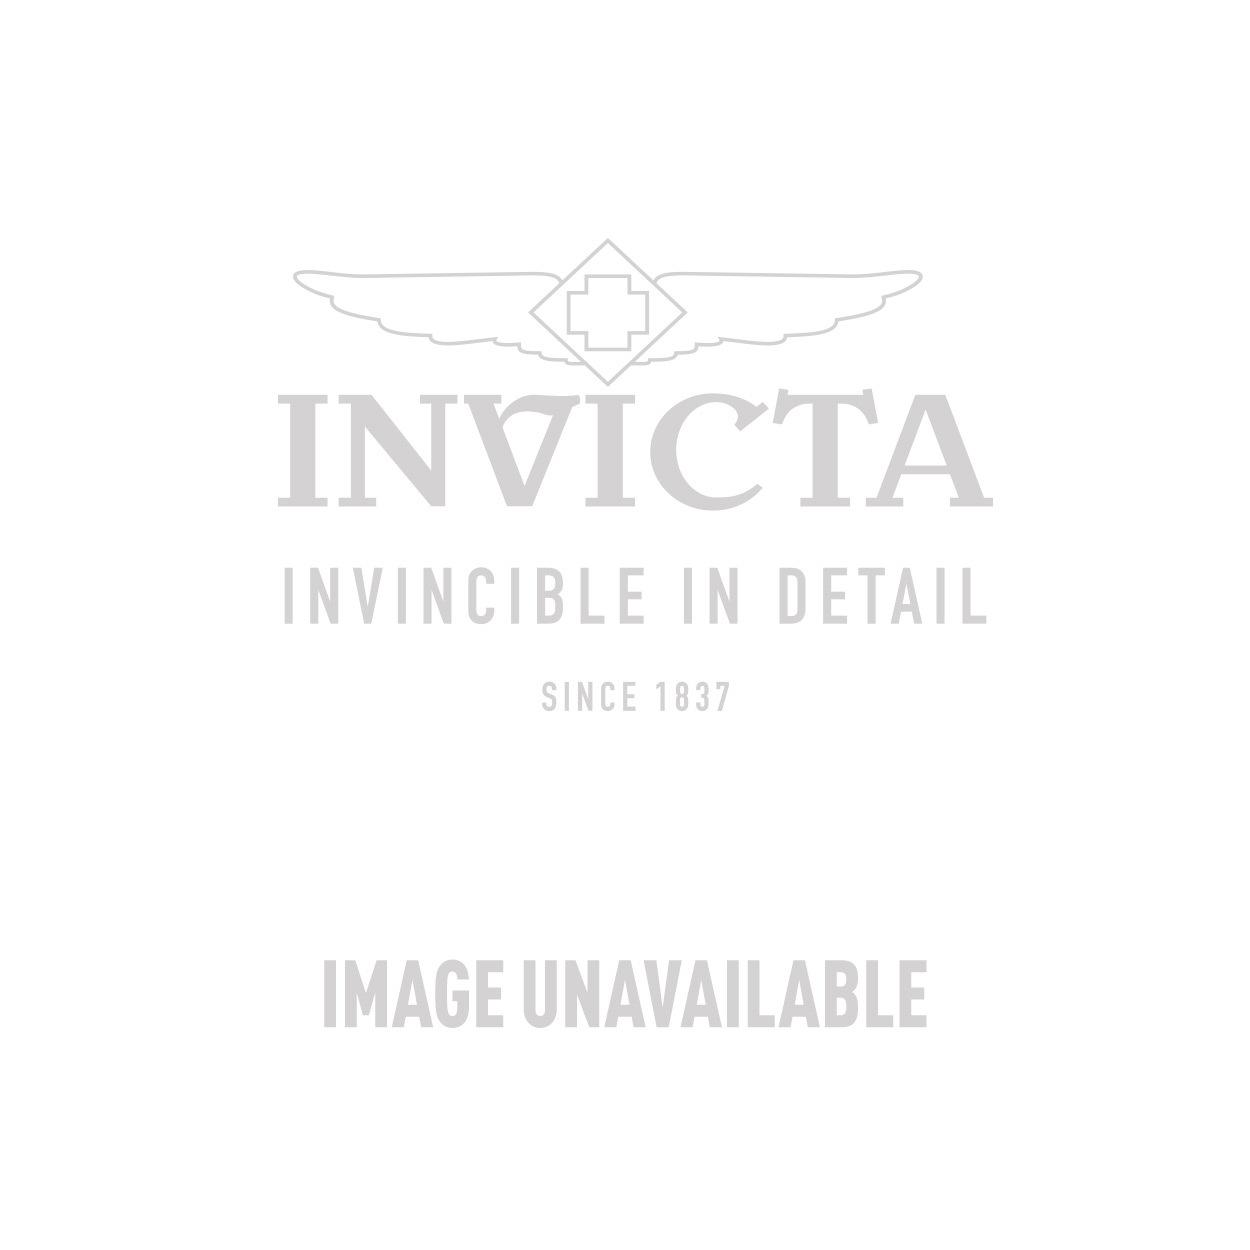 Invicta Model 24632